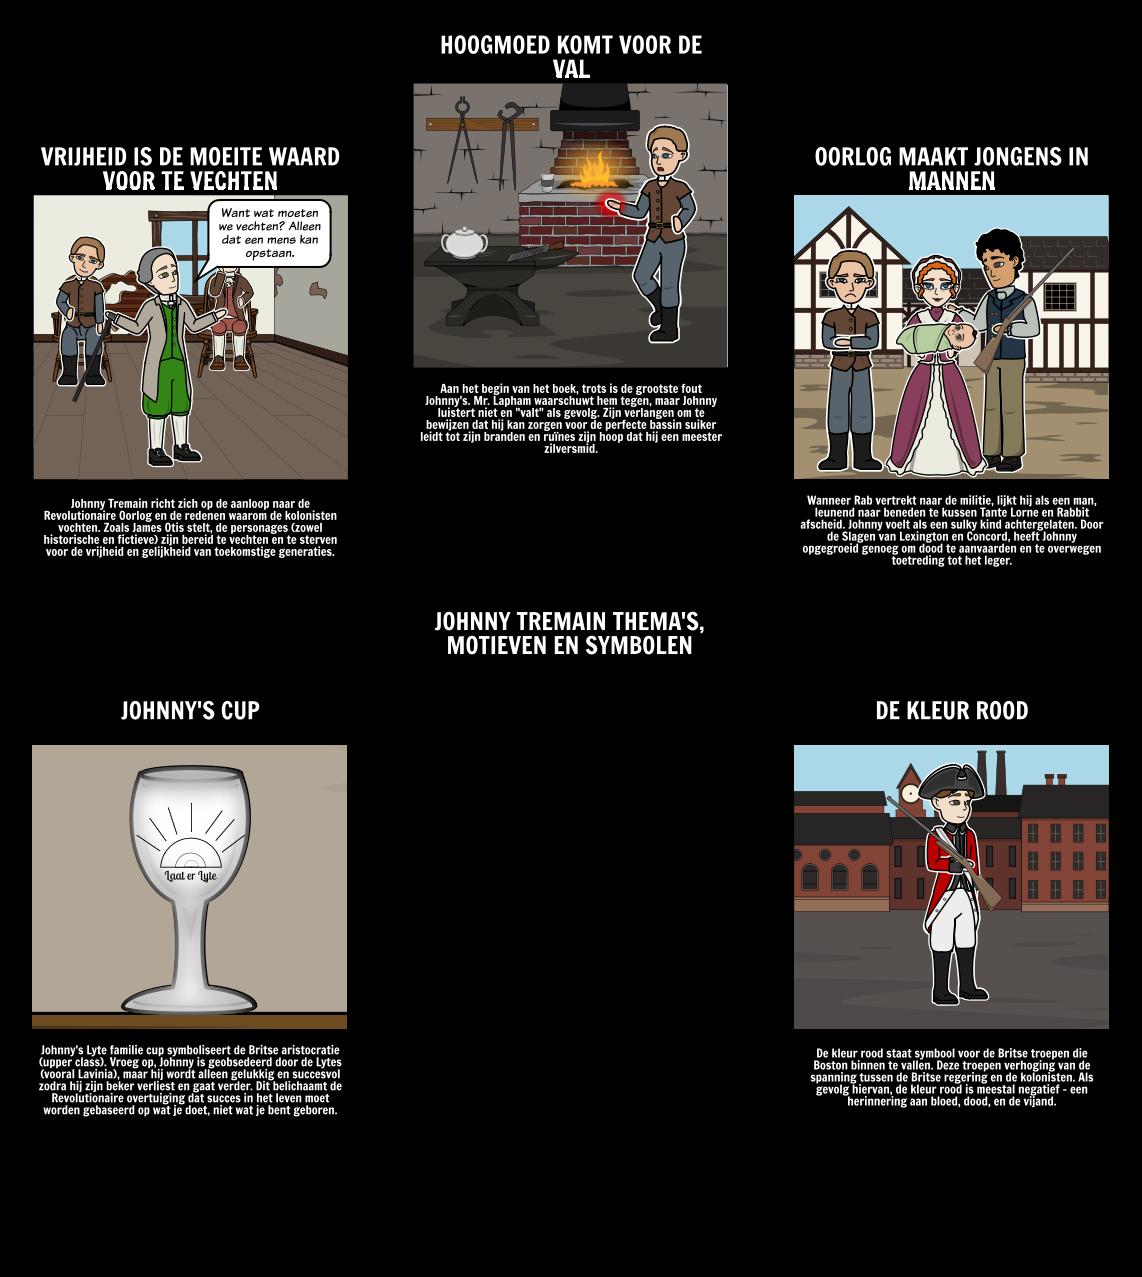 Johnny Tremain Thema, Motief en Symbolen